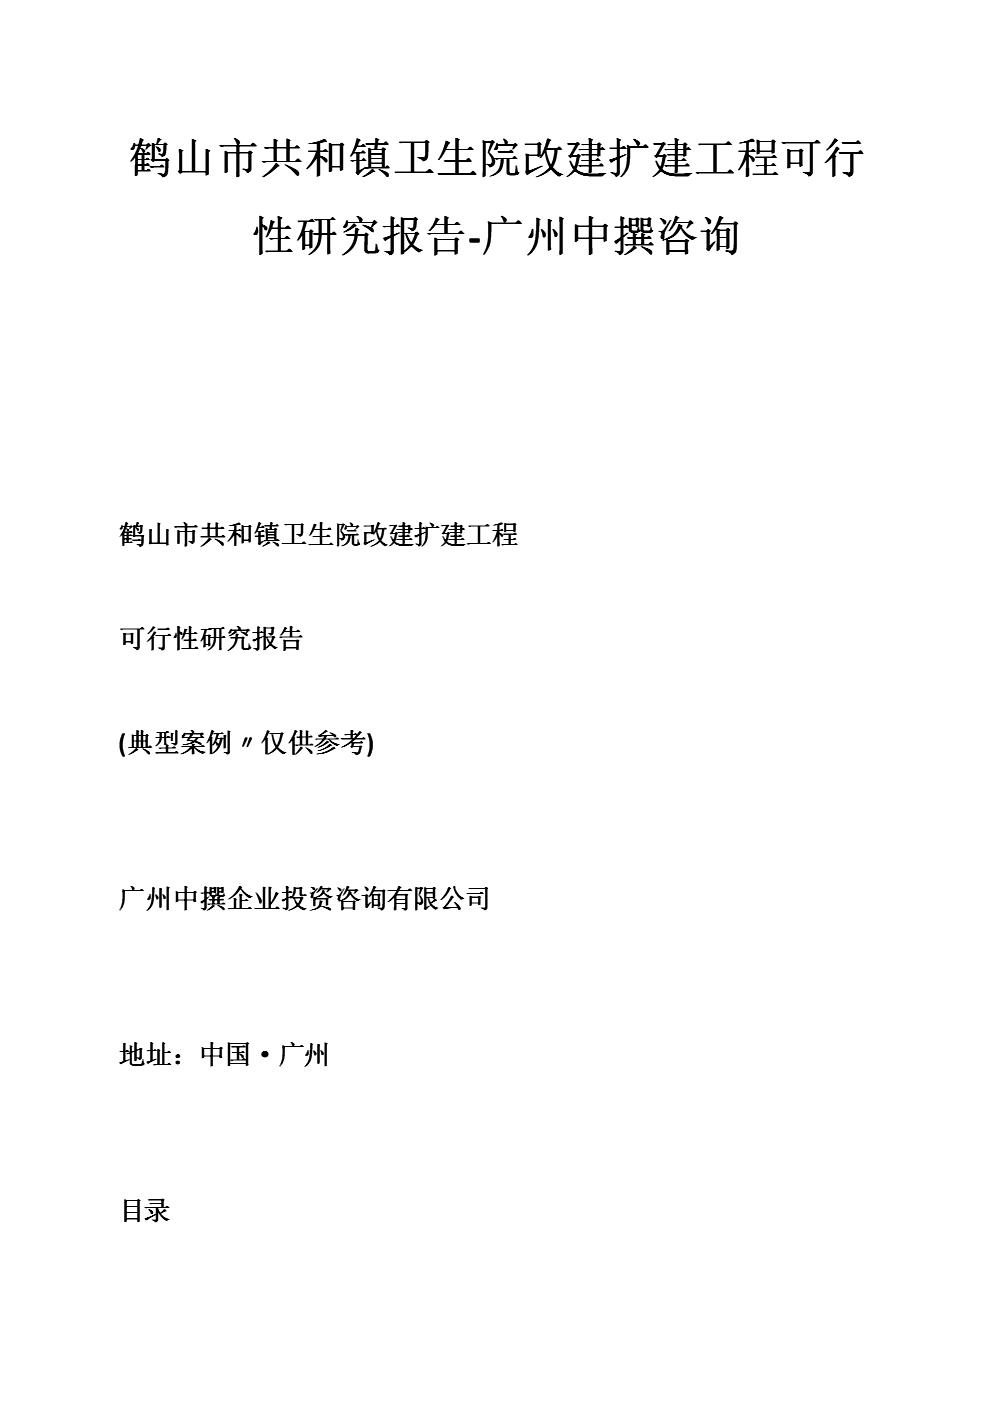 鹤山市共和镇卫生院改建扩建工程可行性研究报告-广州